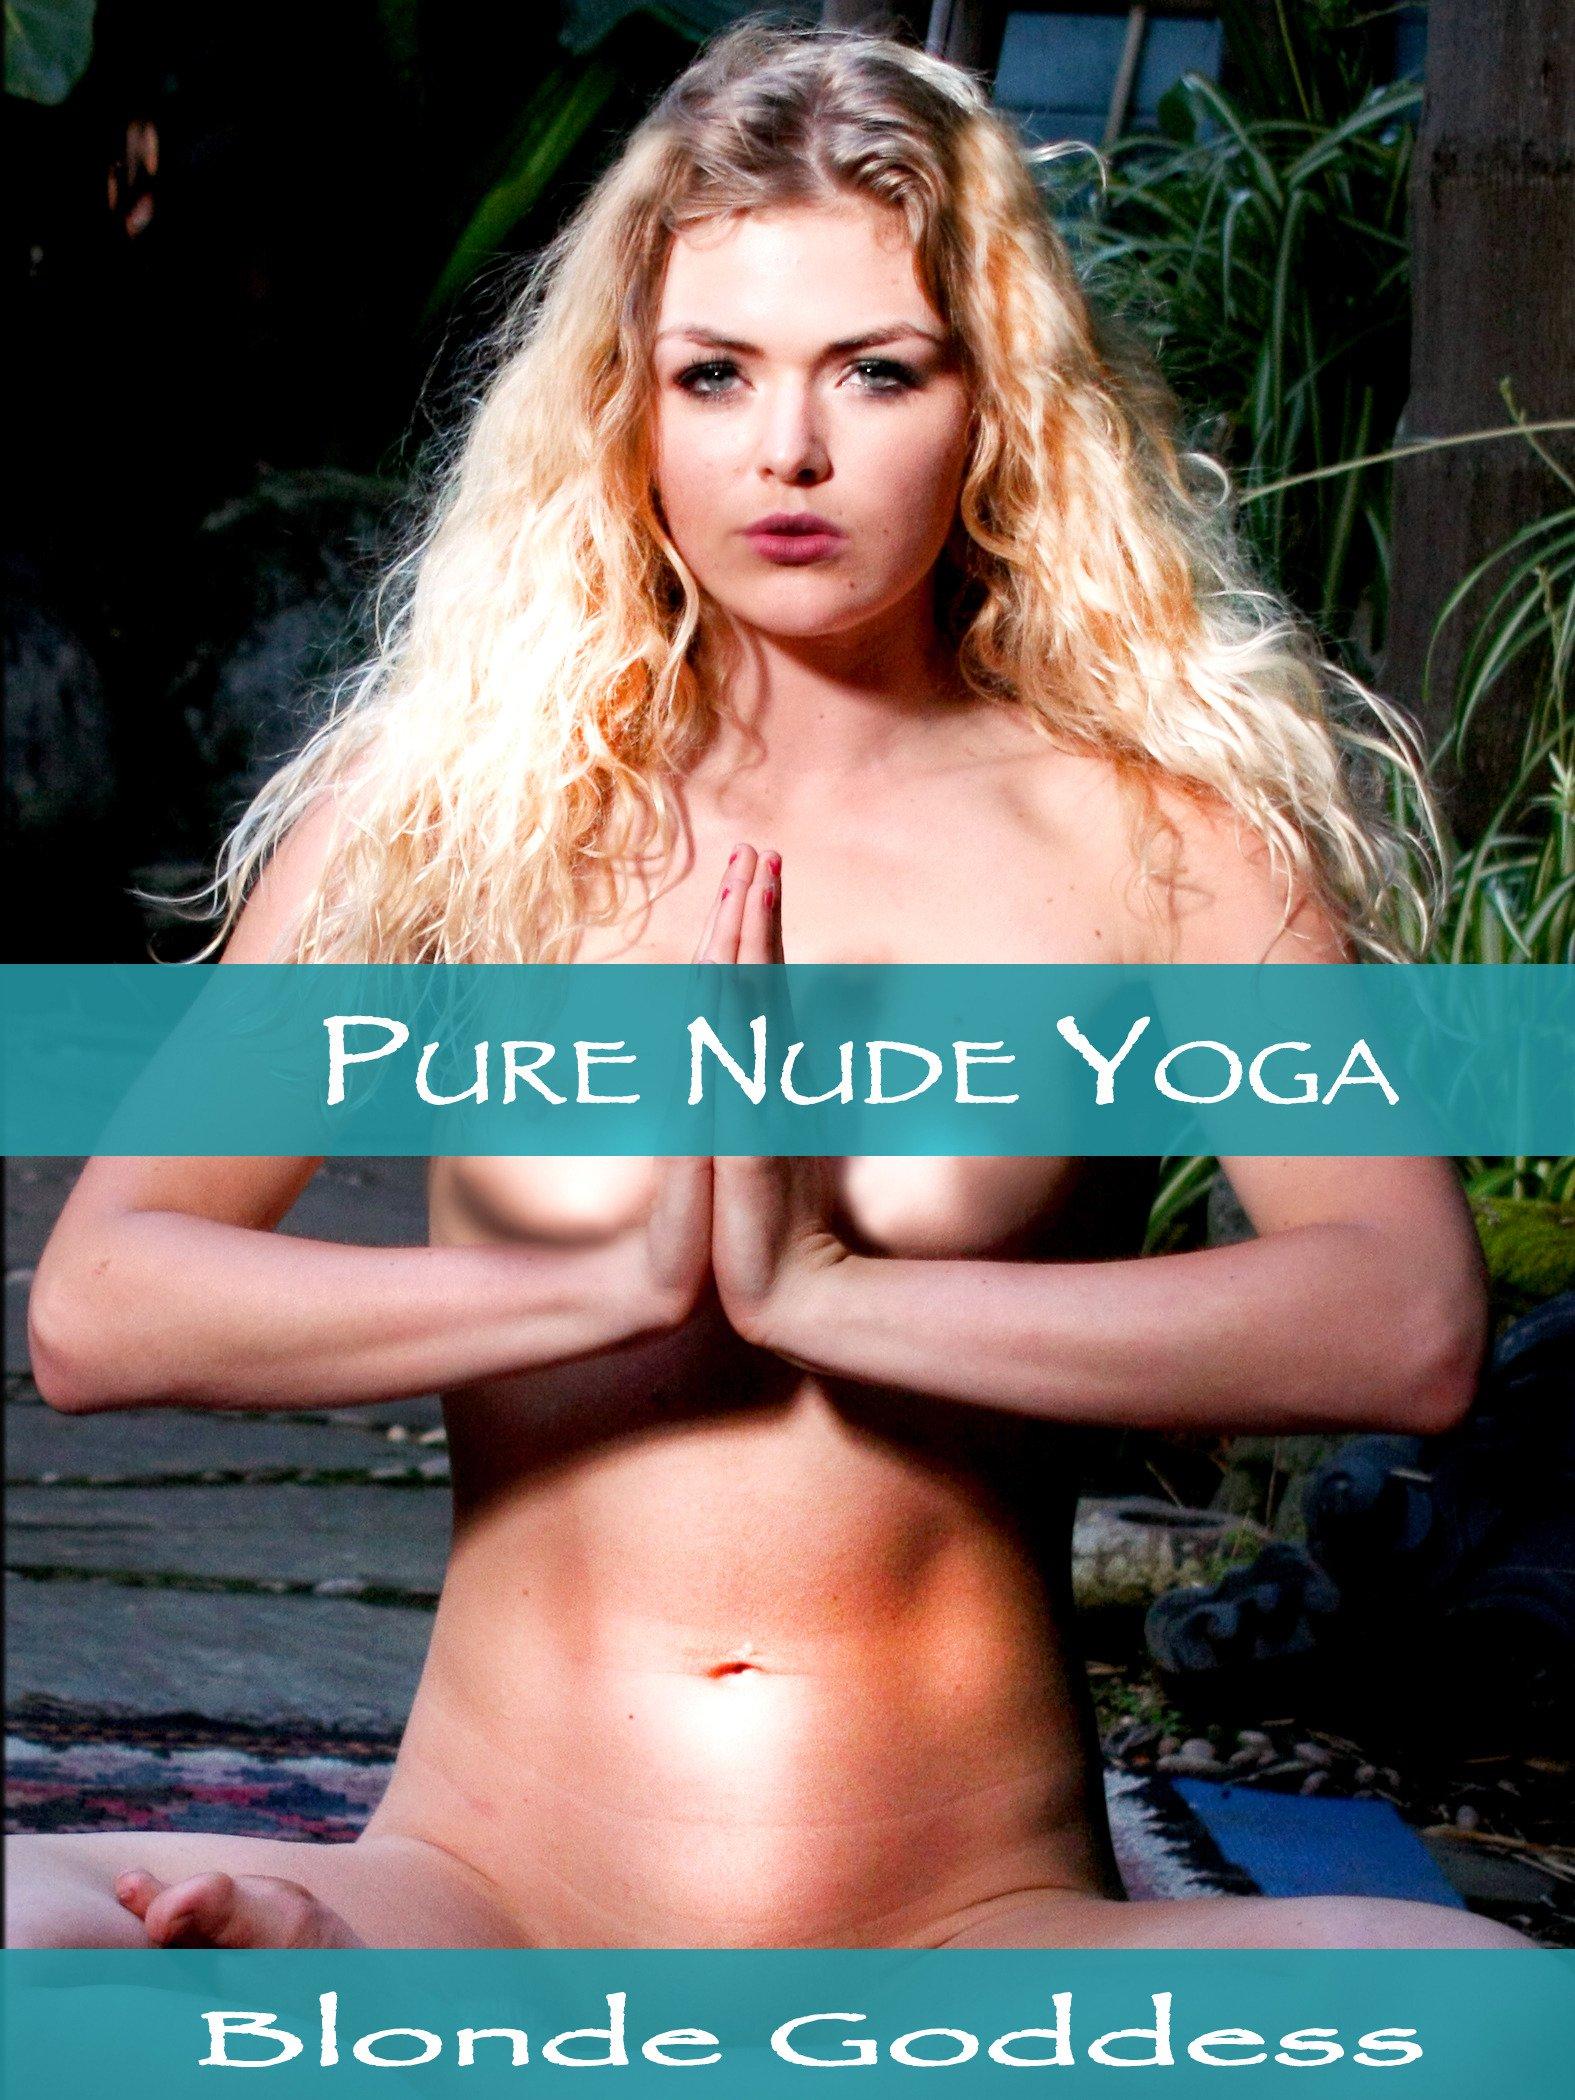 Hottest blonds vagina naked